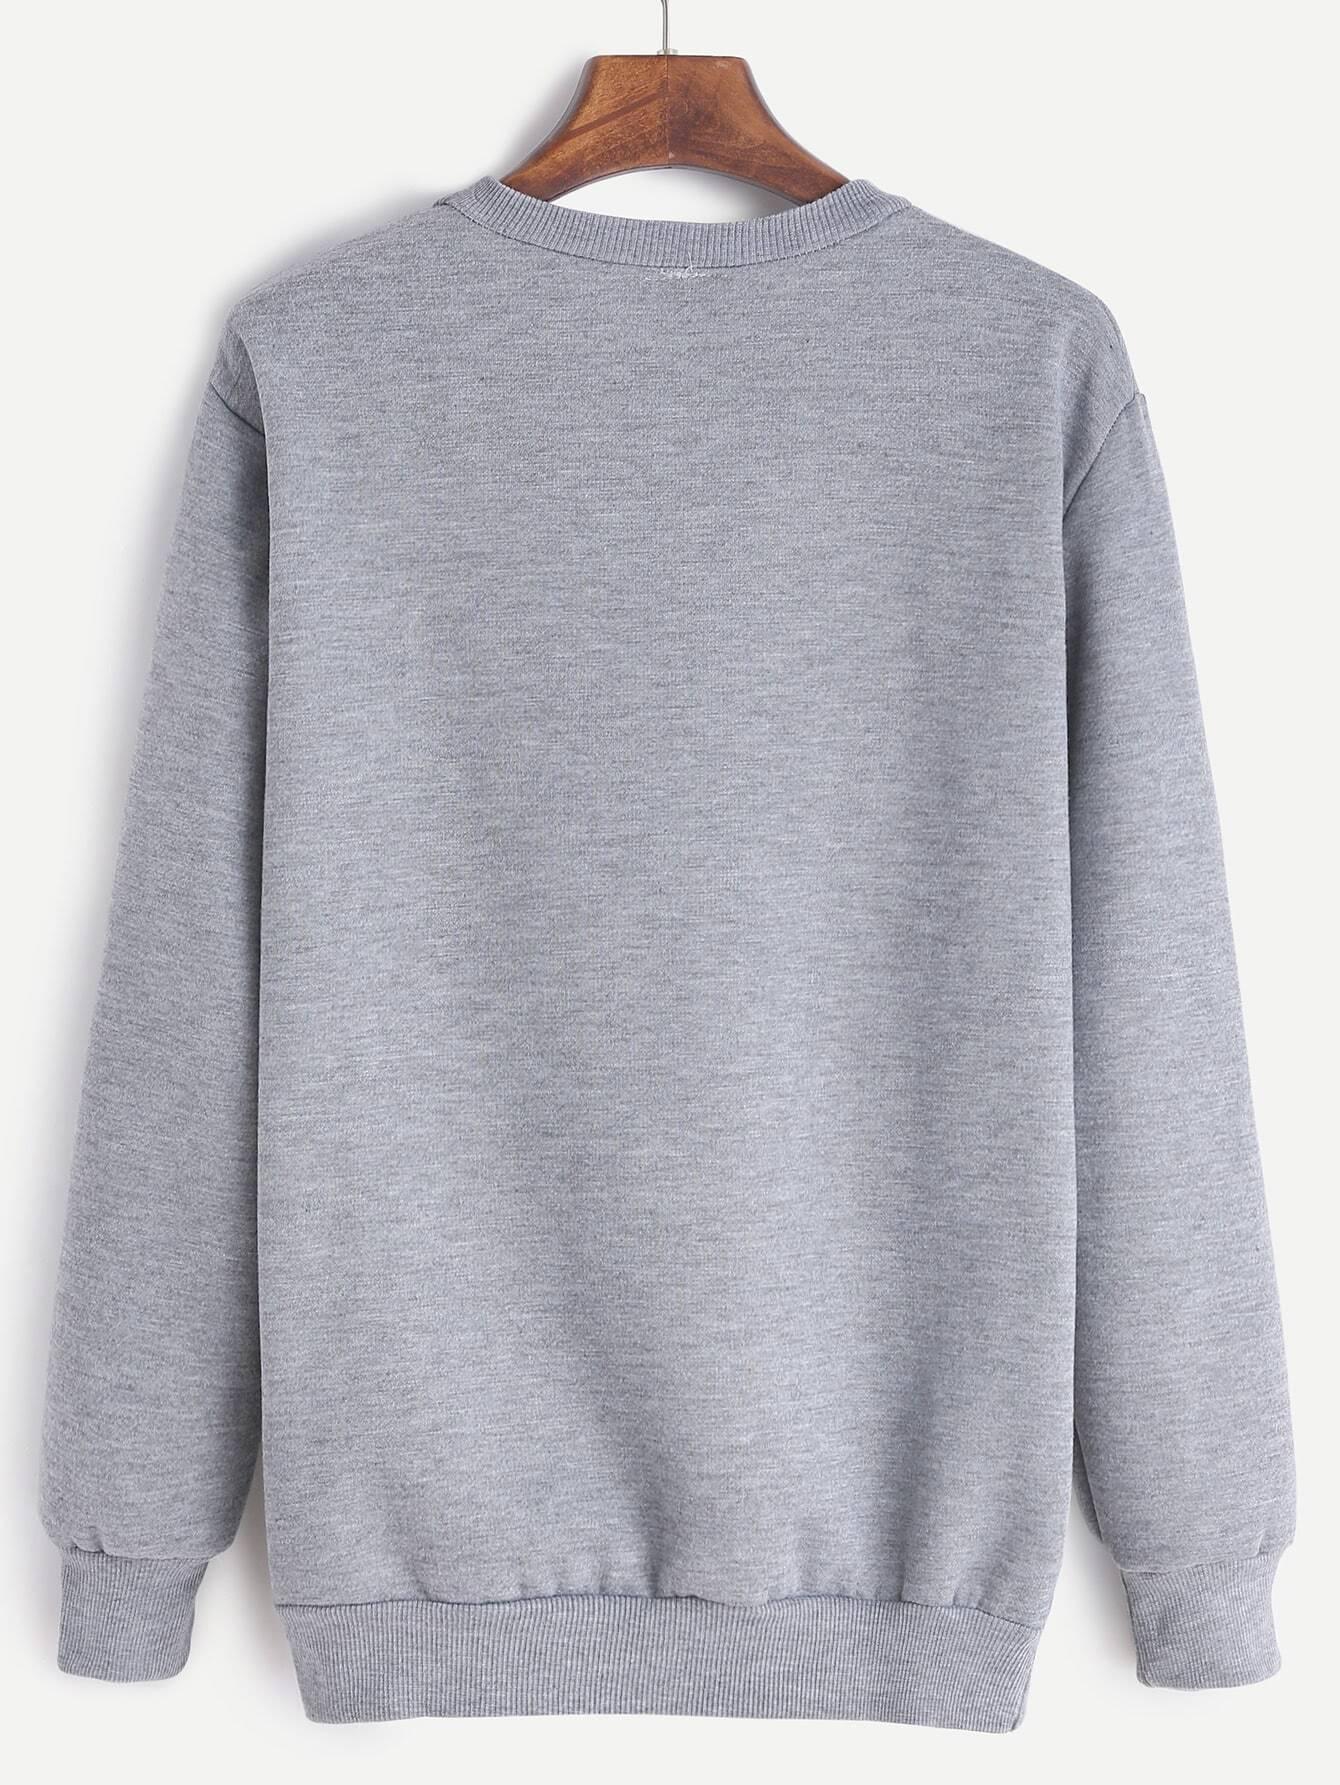 sweatshirt161021106_2